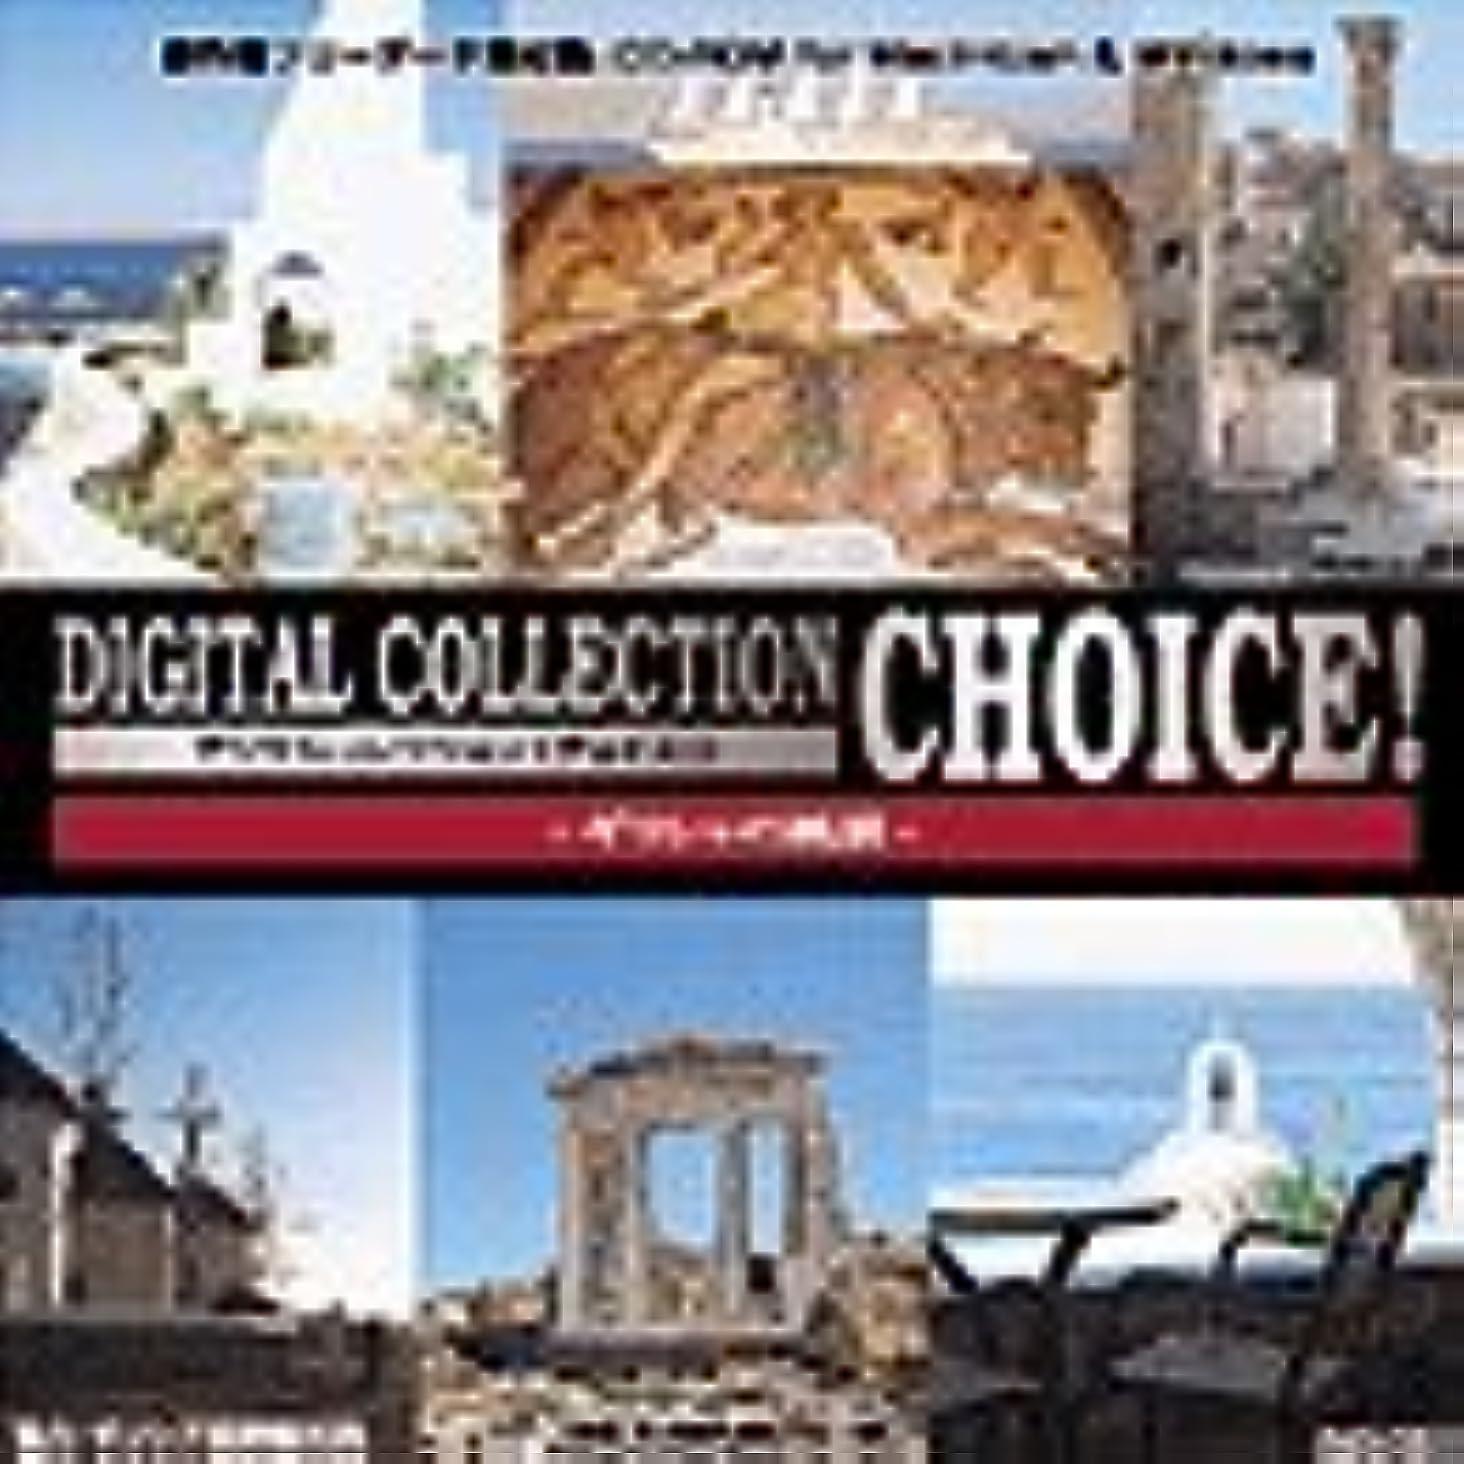 トリムフォーマルセンサーDigital Collection Choice! ギリシャの風景